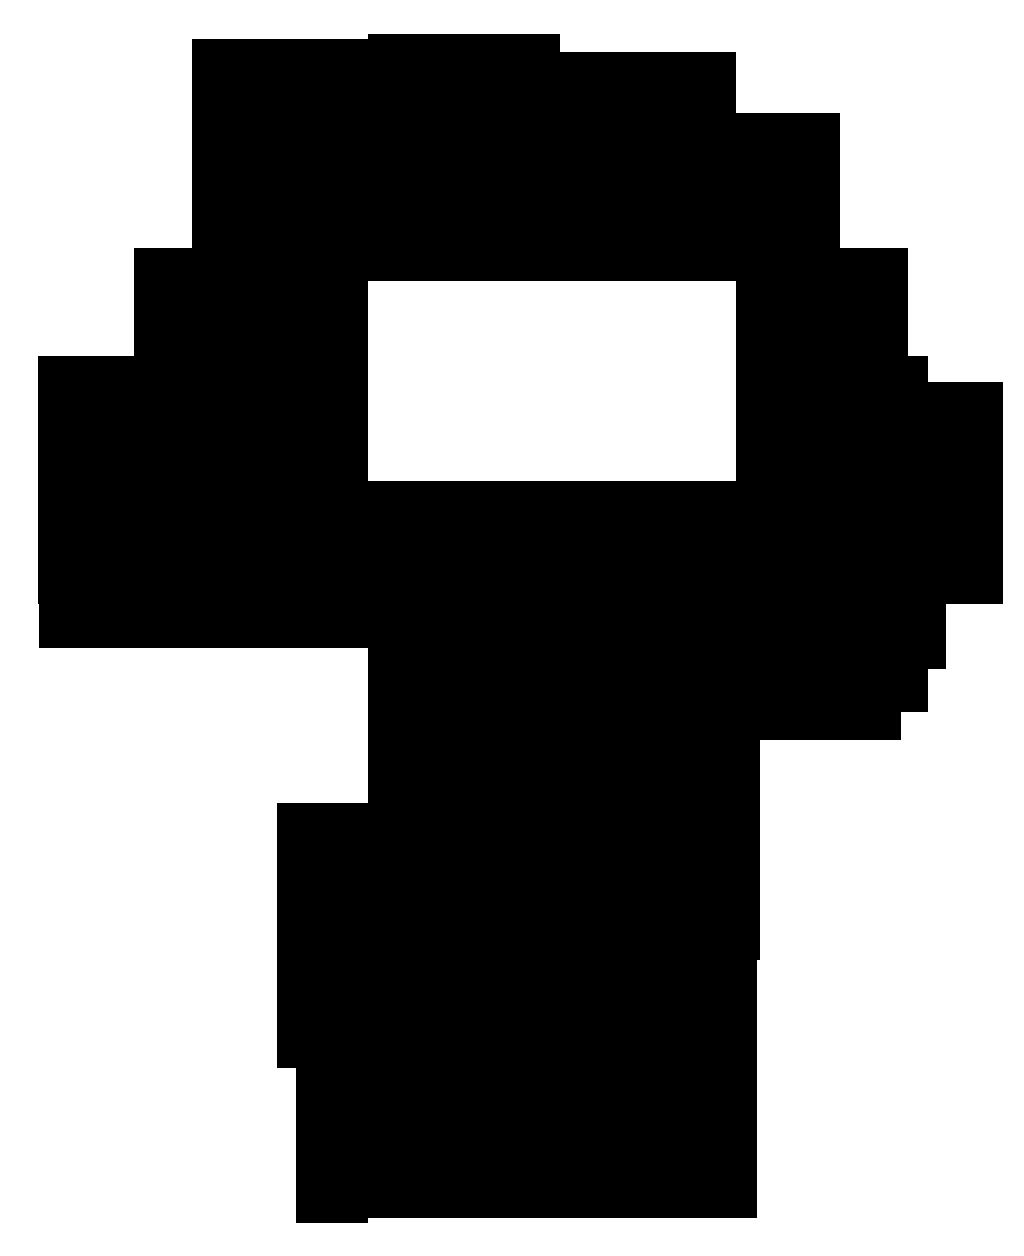 Feather clipart circle. Pandora paradox ebook logo